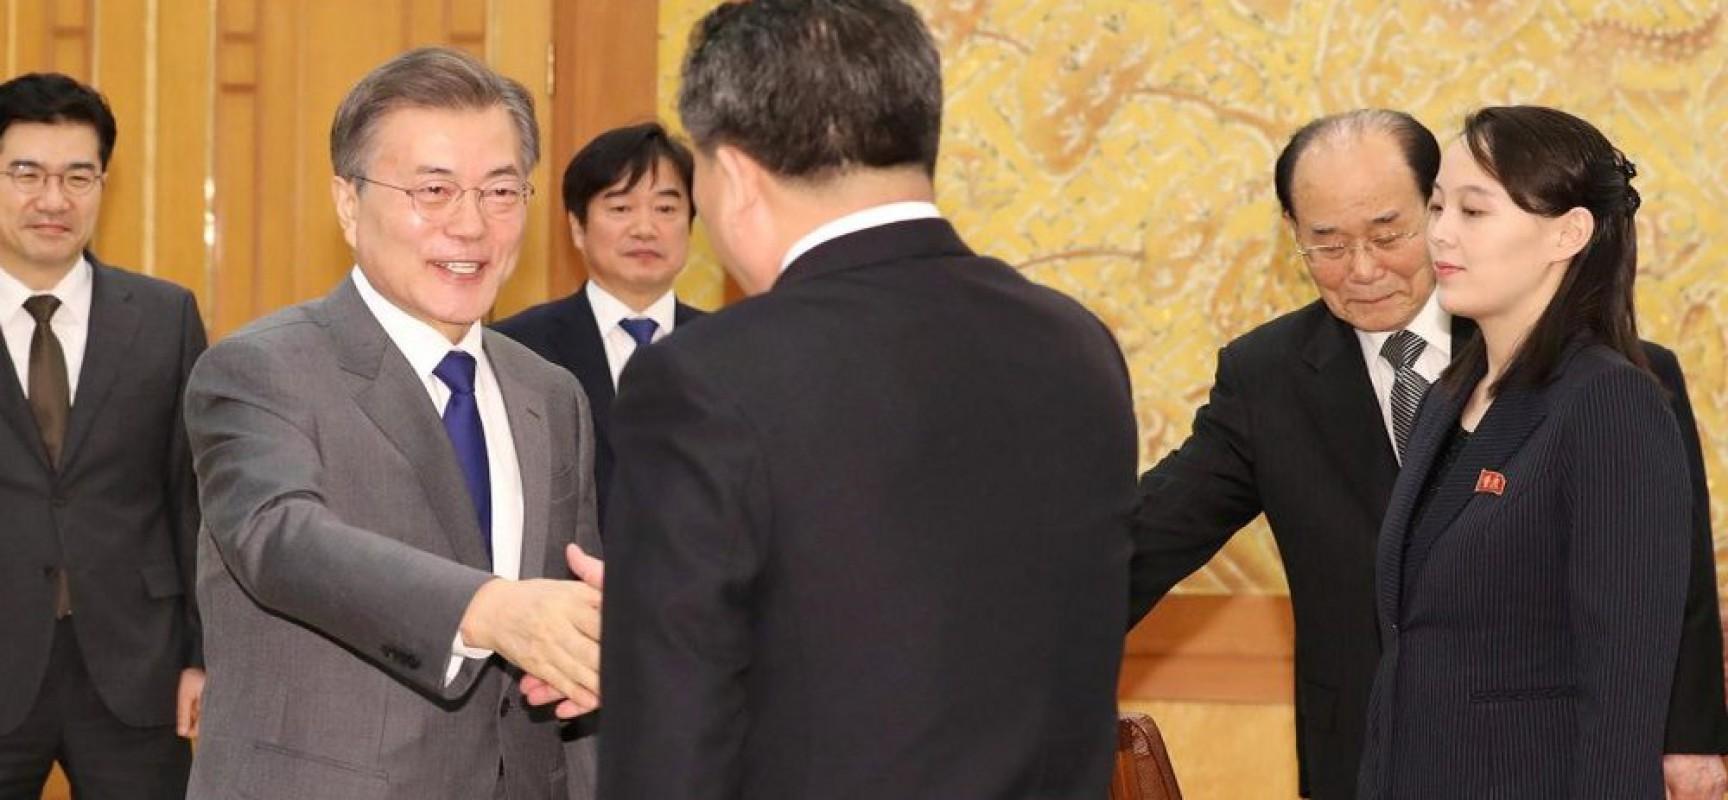 Les USA mal à l'aise face à l'amitié inter-coréenne